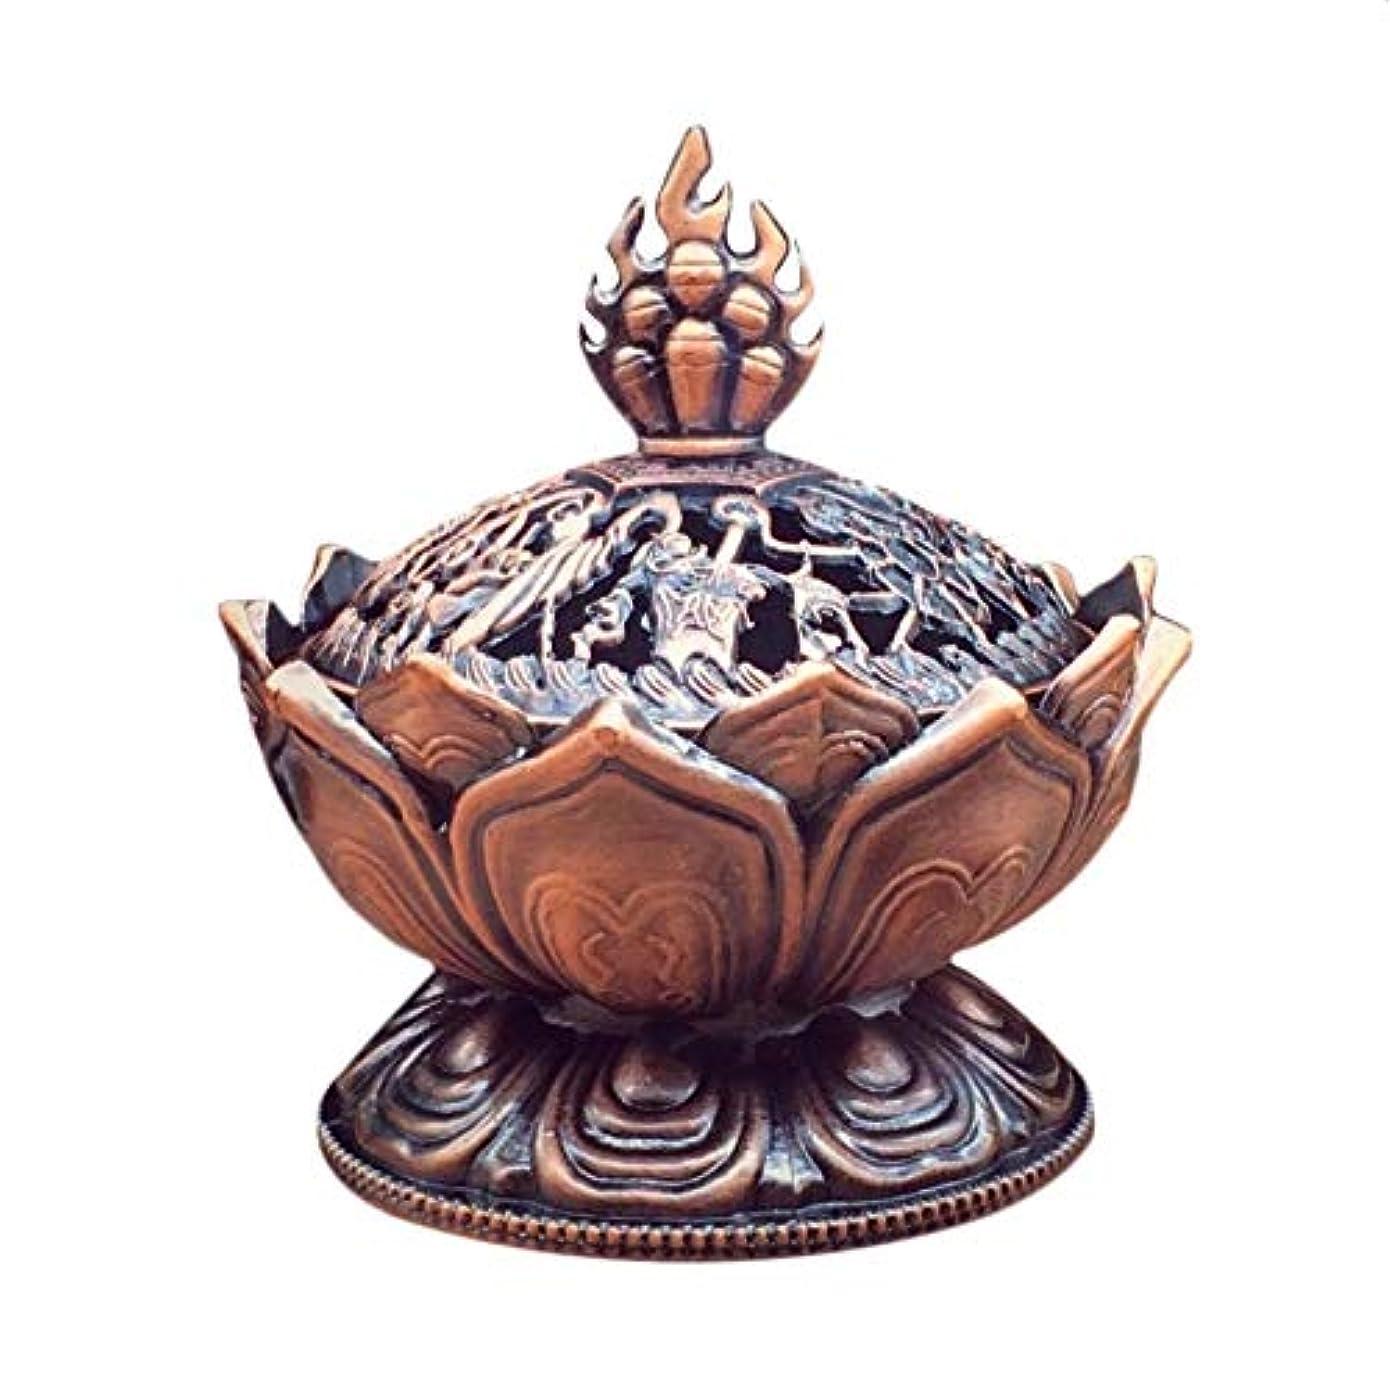 行列仕事に行く国民投票チベットロータス合金ブロンズミニ香炉メタルクラフトホームデコレーション